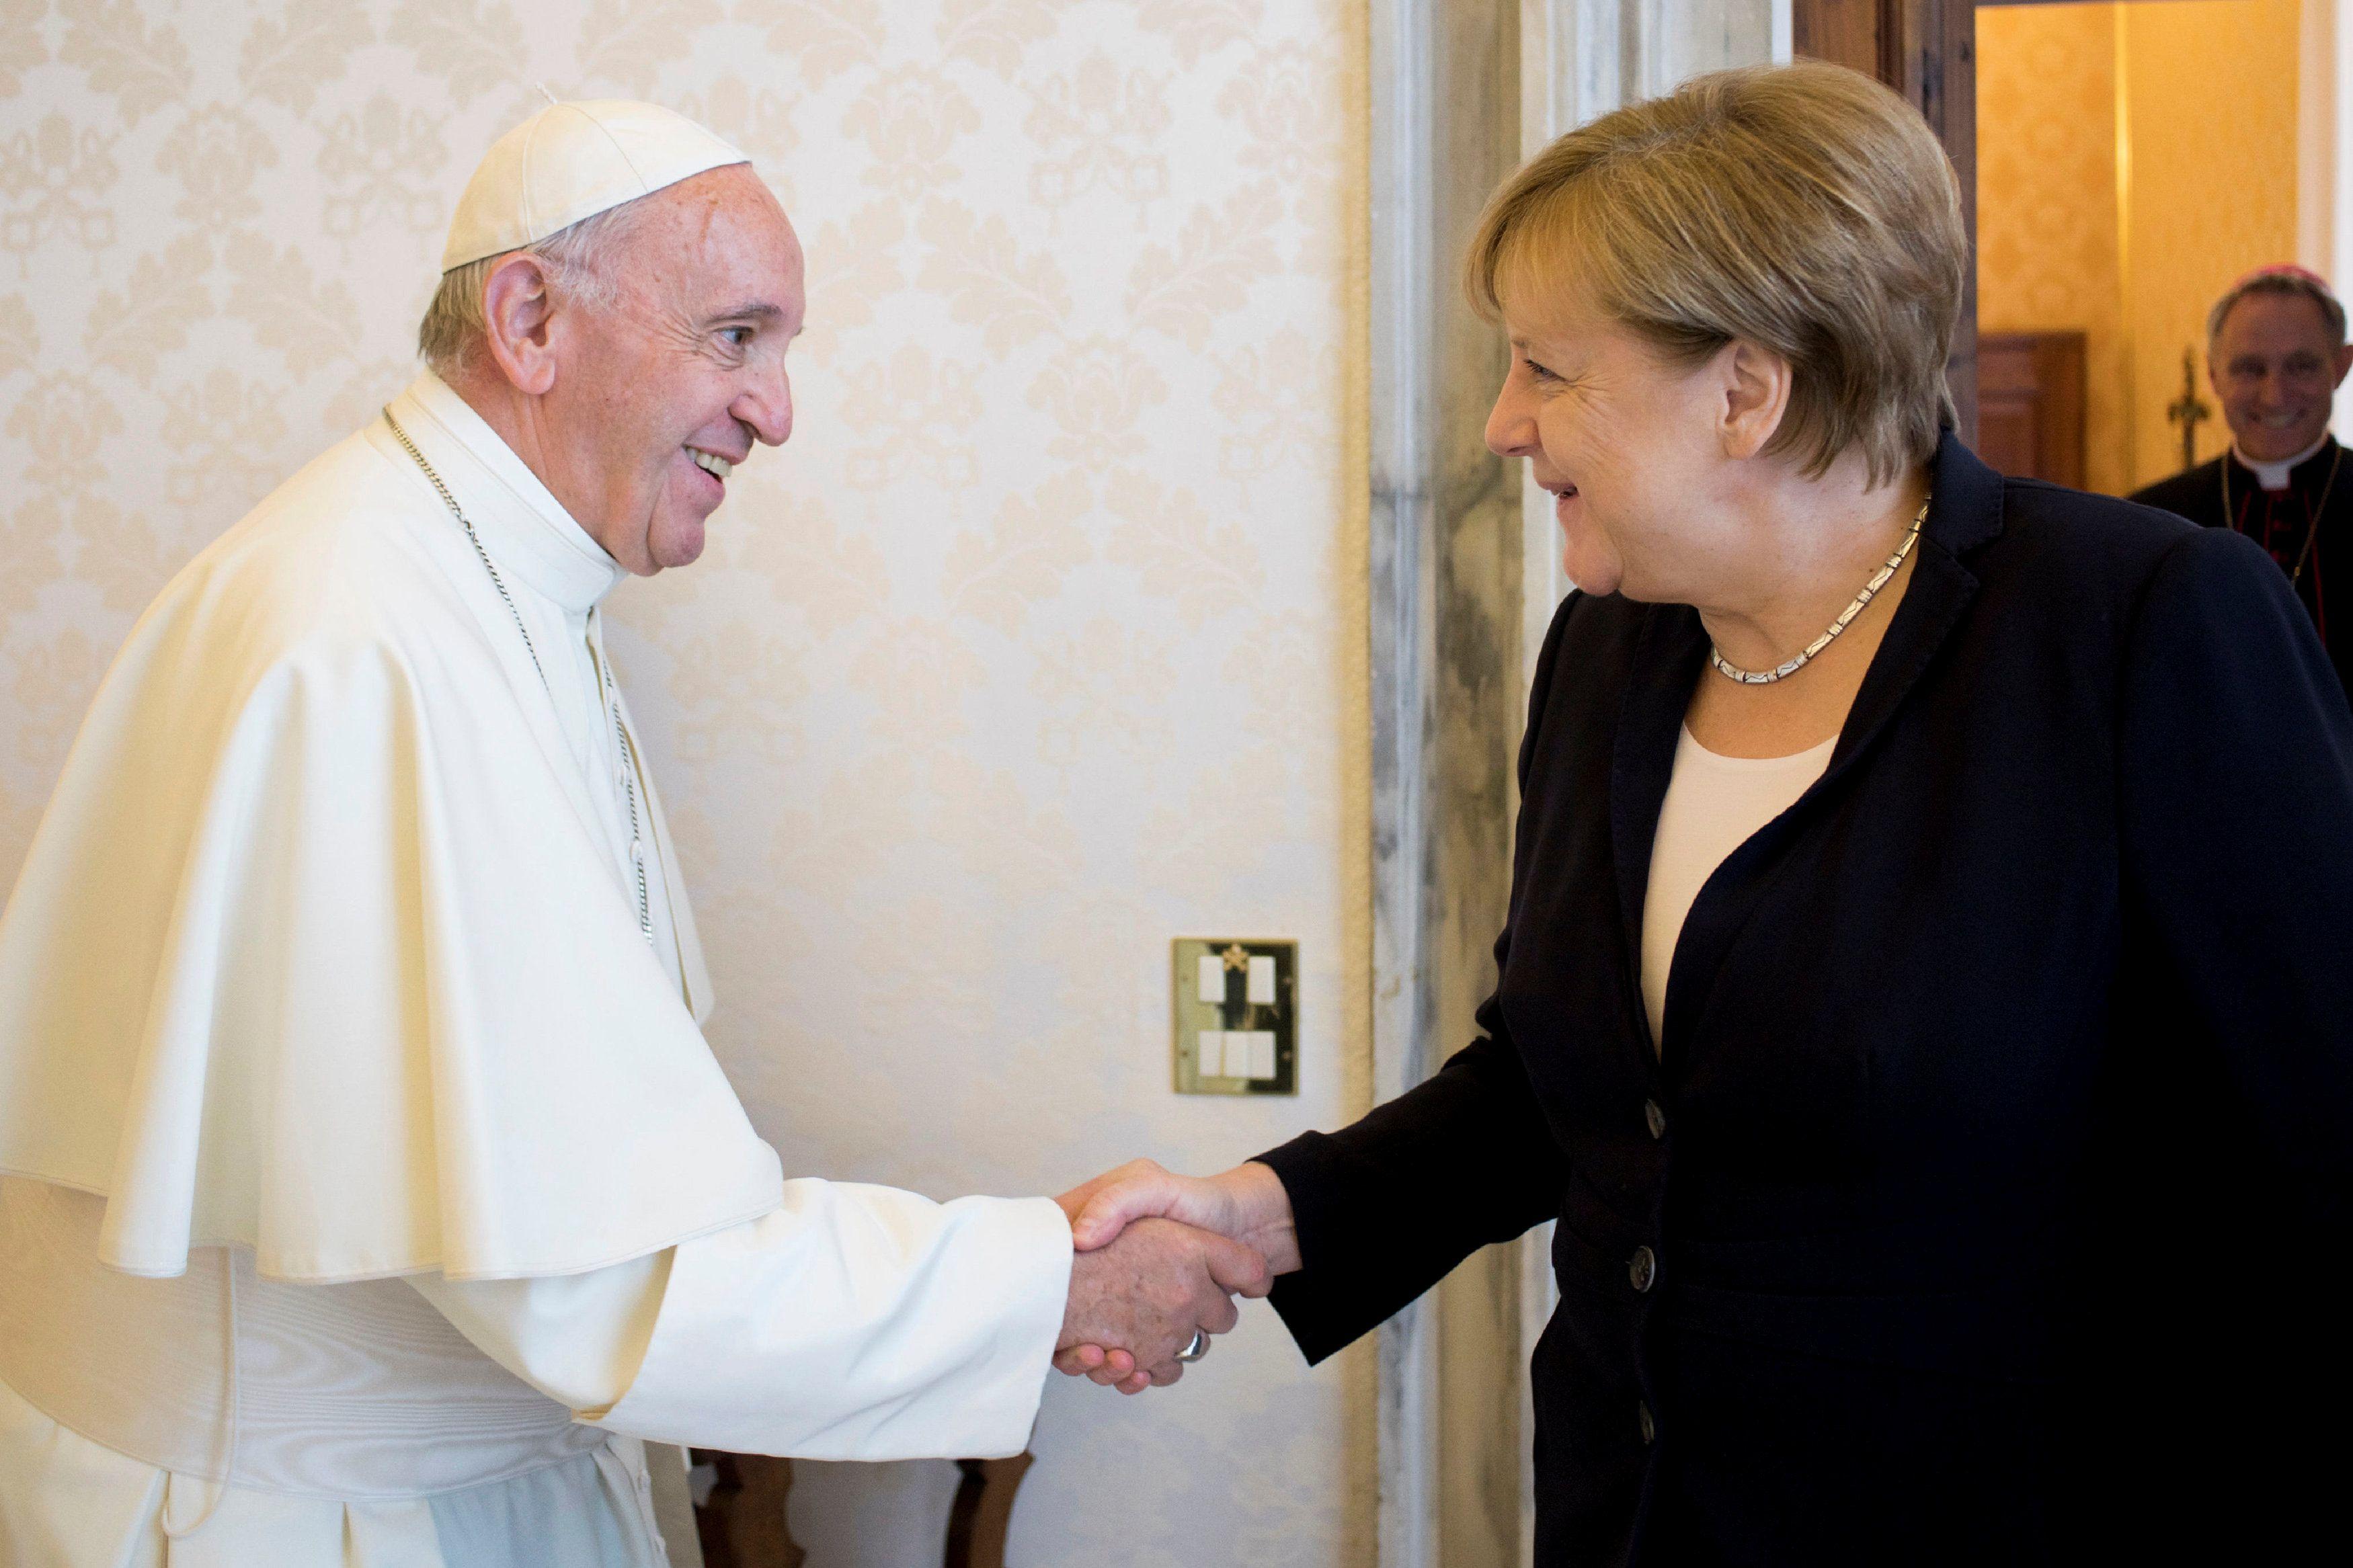 Papa recebe a chanceler Angela Merkel no Vaticano  / Osservatore Romano/via Reuters